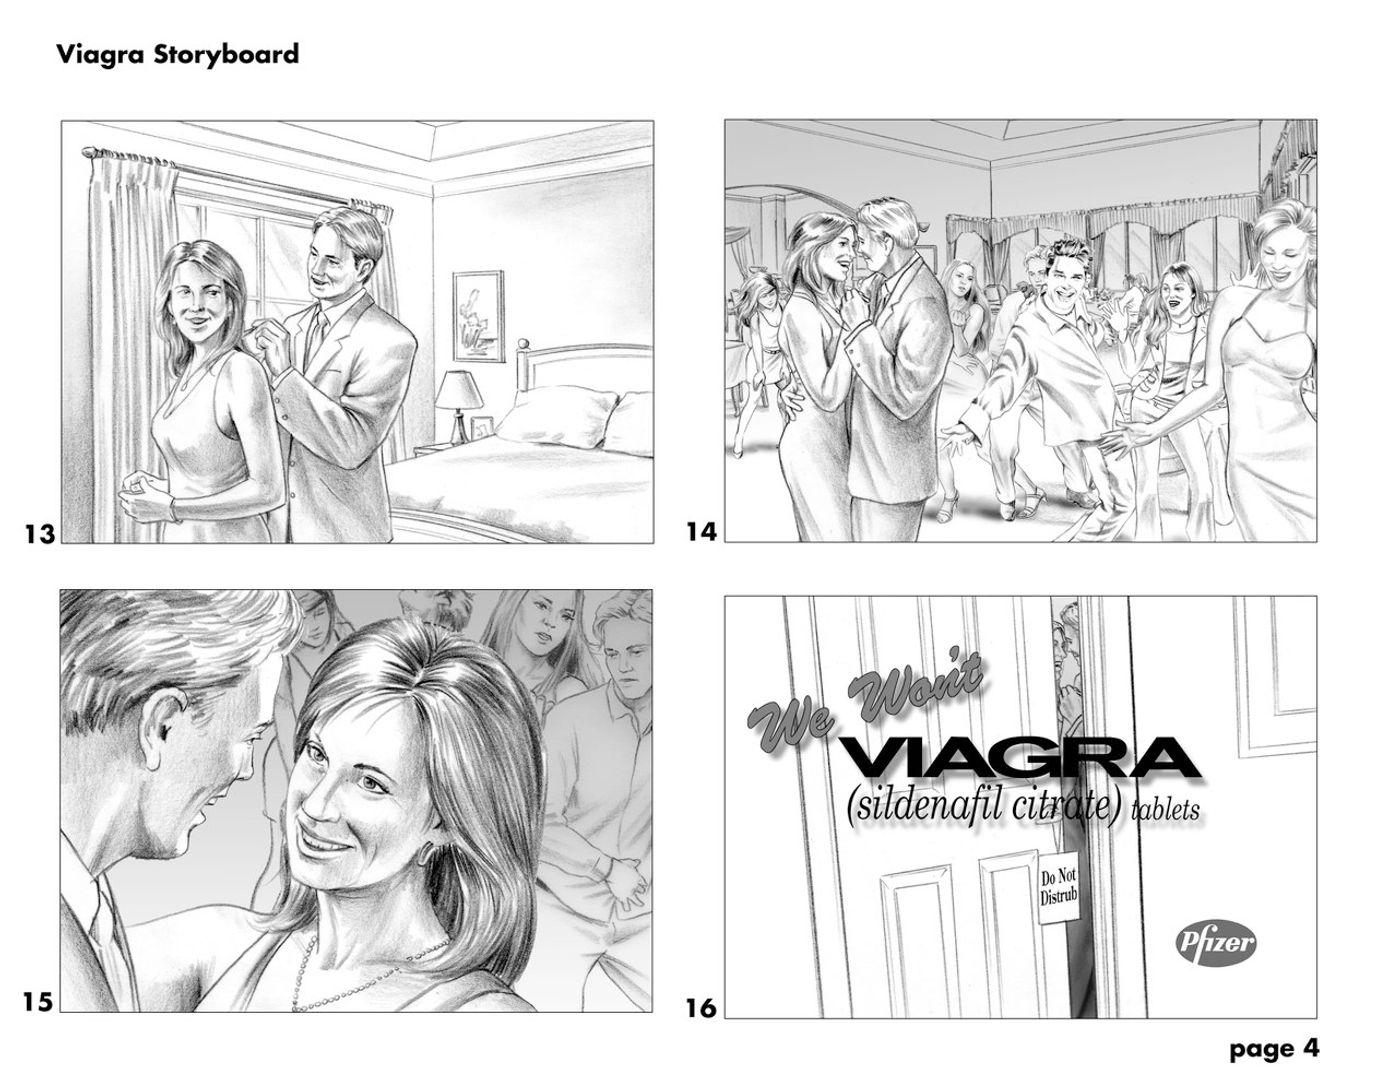 Viagra storyboard page 4.jpg